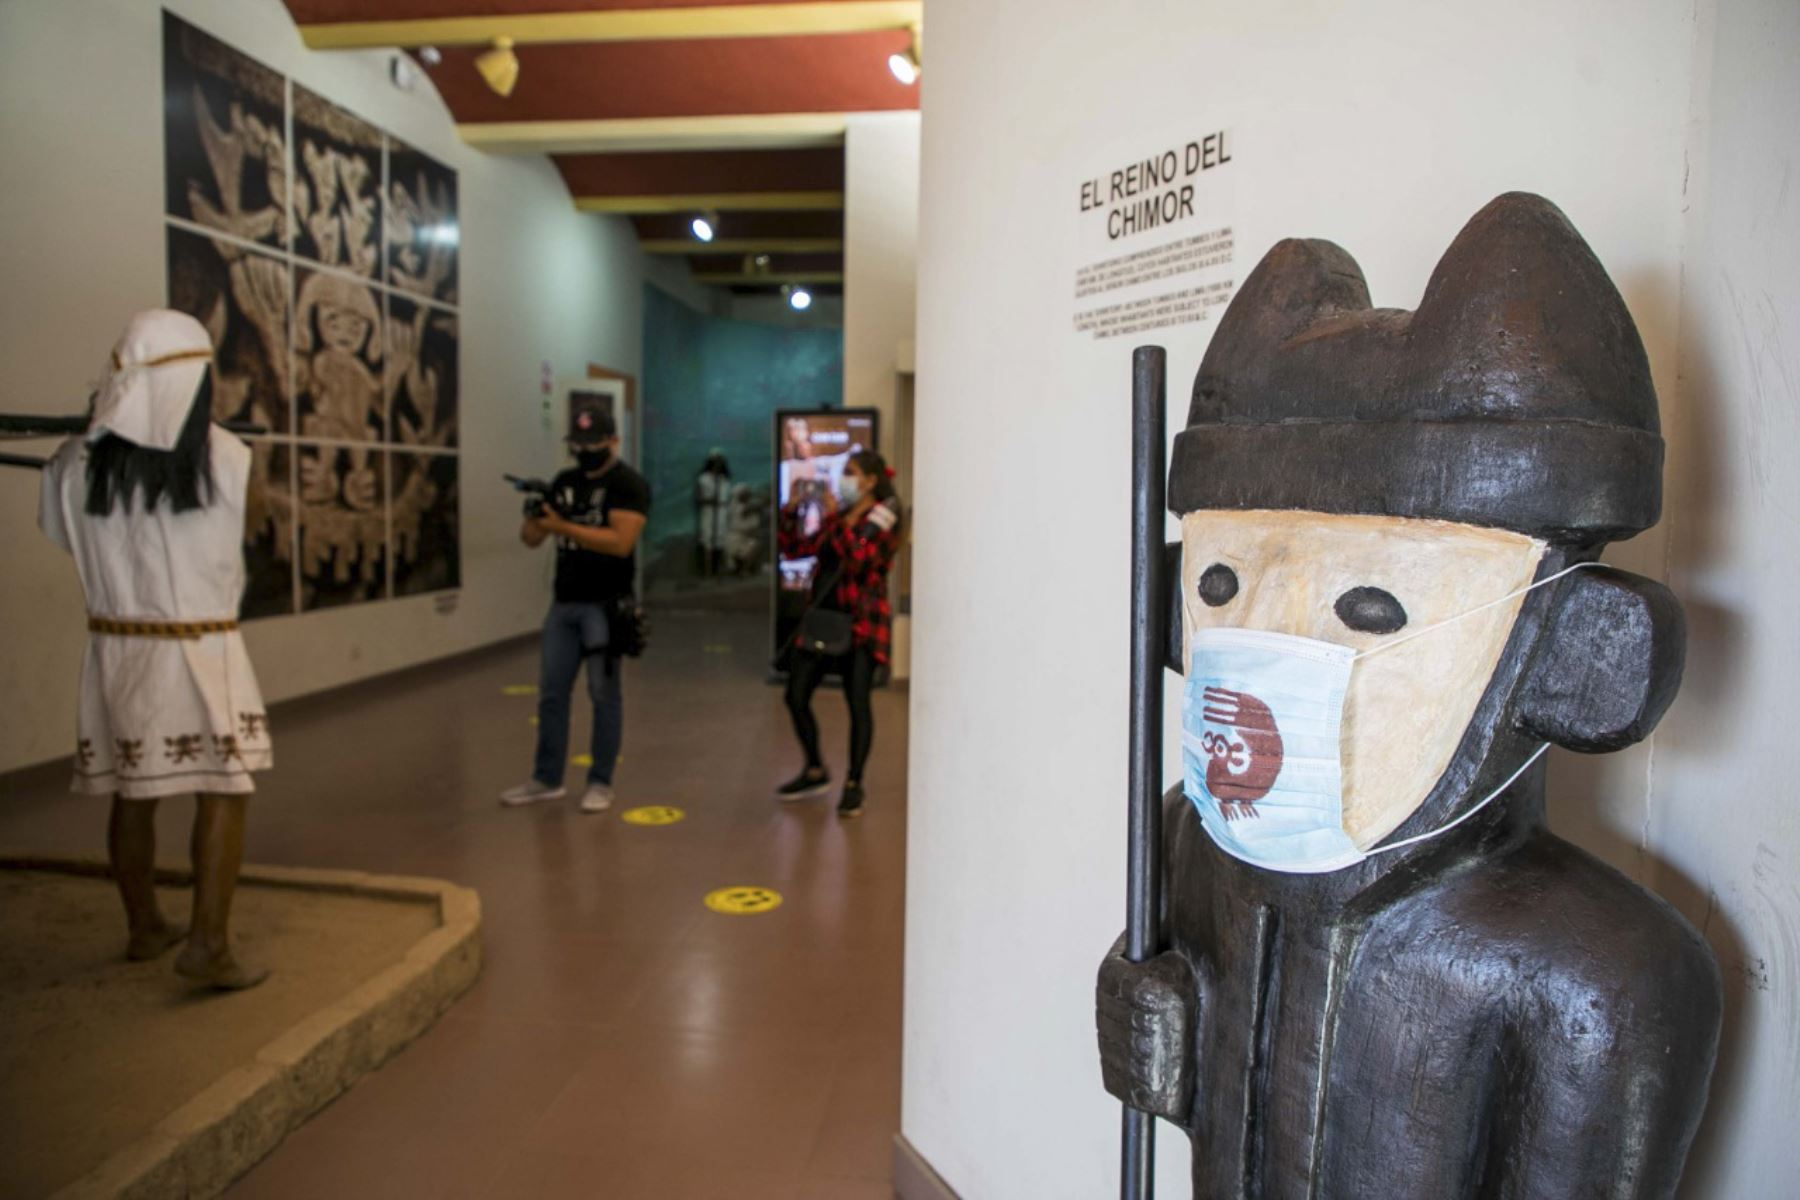 Se podrá visitar el Museo de Sitio Chan Chan (La Libertad) previa inscripción. Foto: ANDINA/Difusión